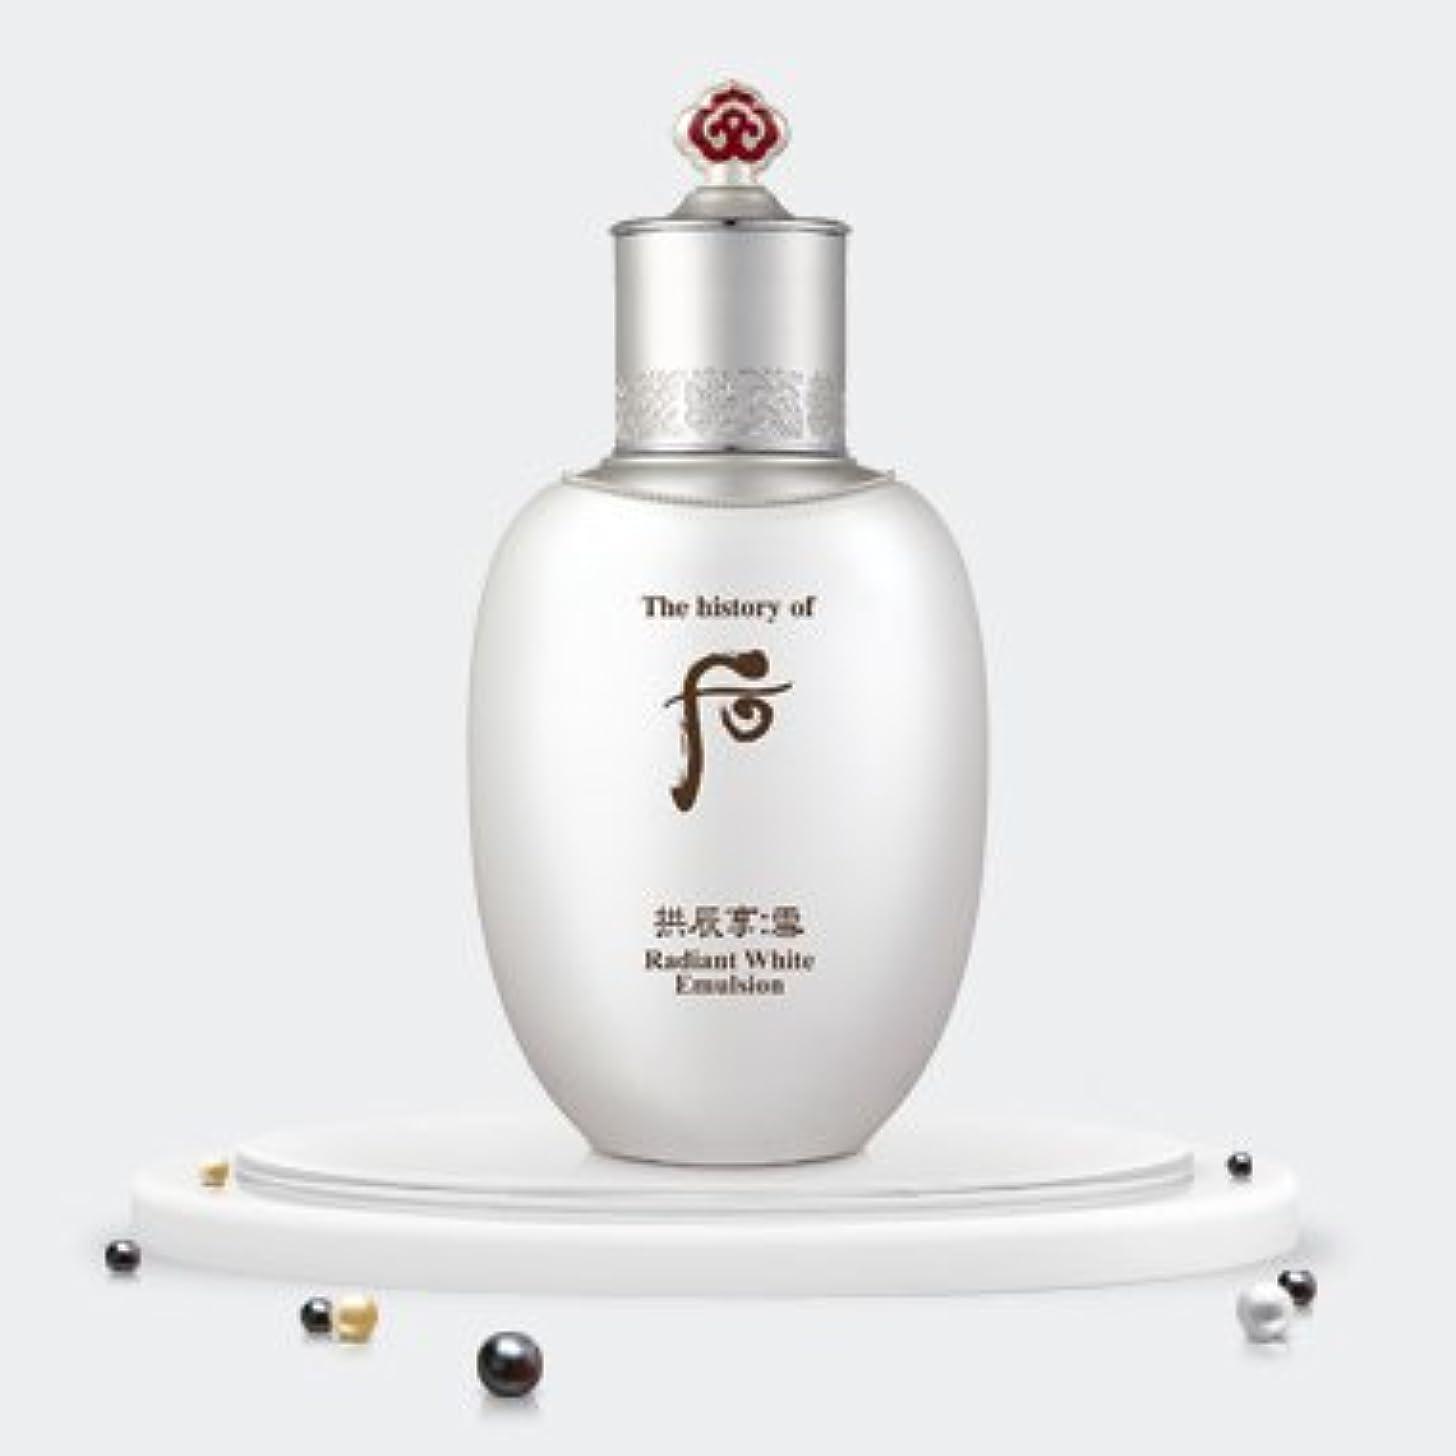 苦痛除外するテーブルThe history of Whoo Gongjinhyang Seol Radiant White Lotion 110ml/ザ ヒストリー オブ フー (后) 拱辰享 雪 ラディアント ホワイト ローション 110ml